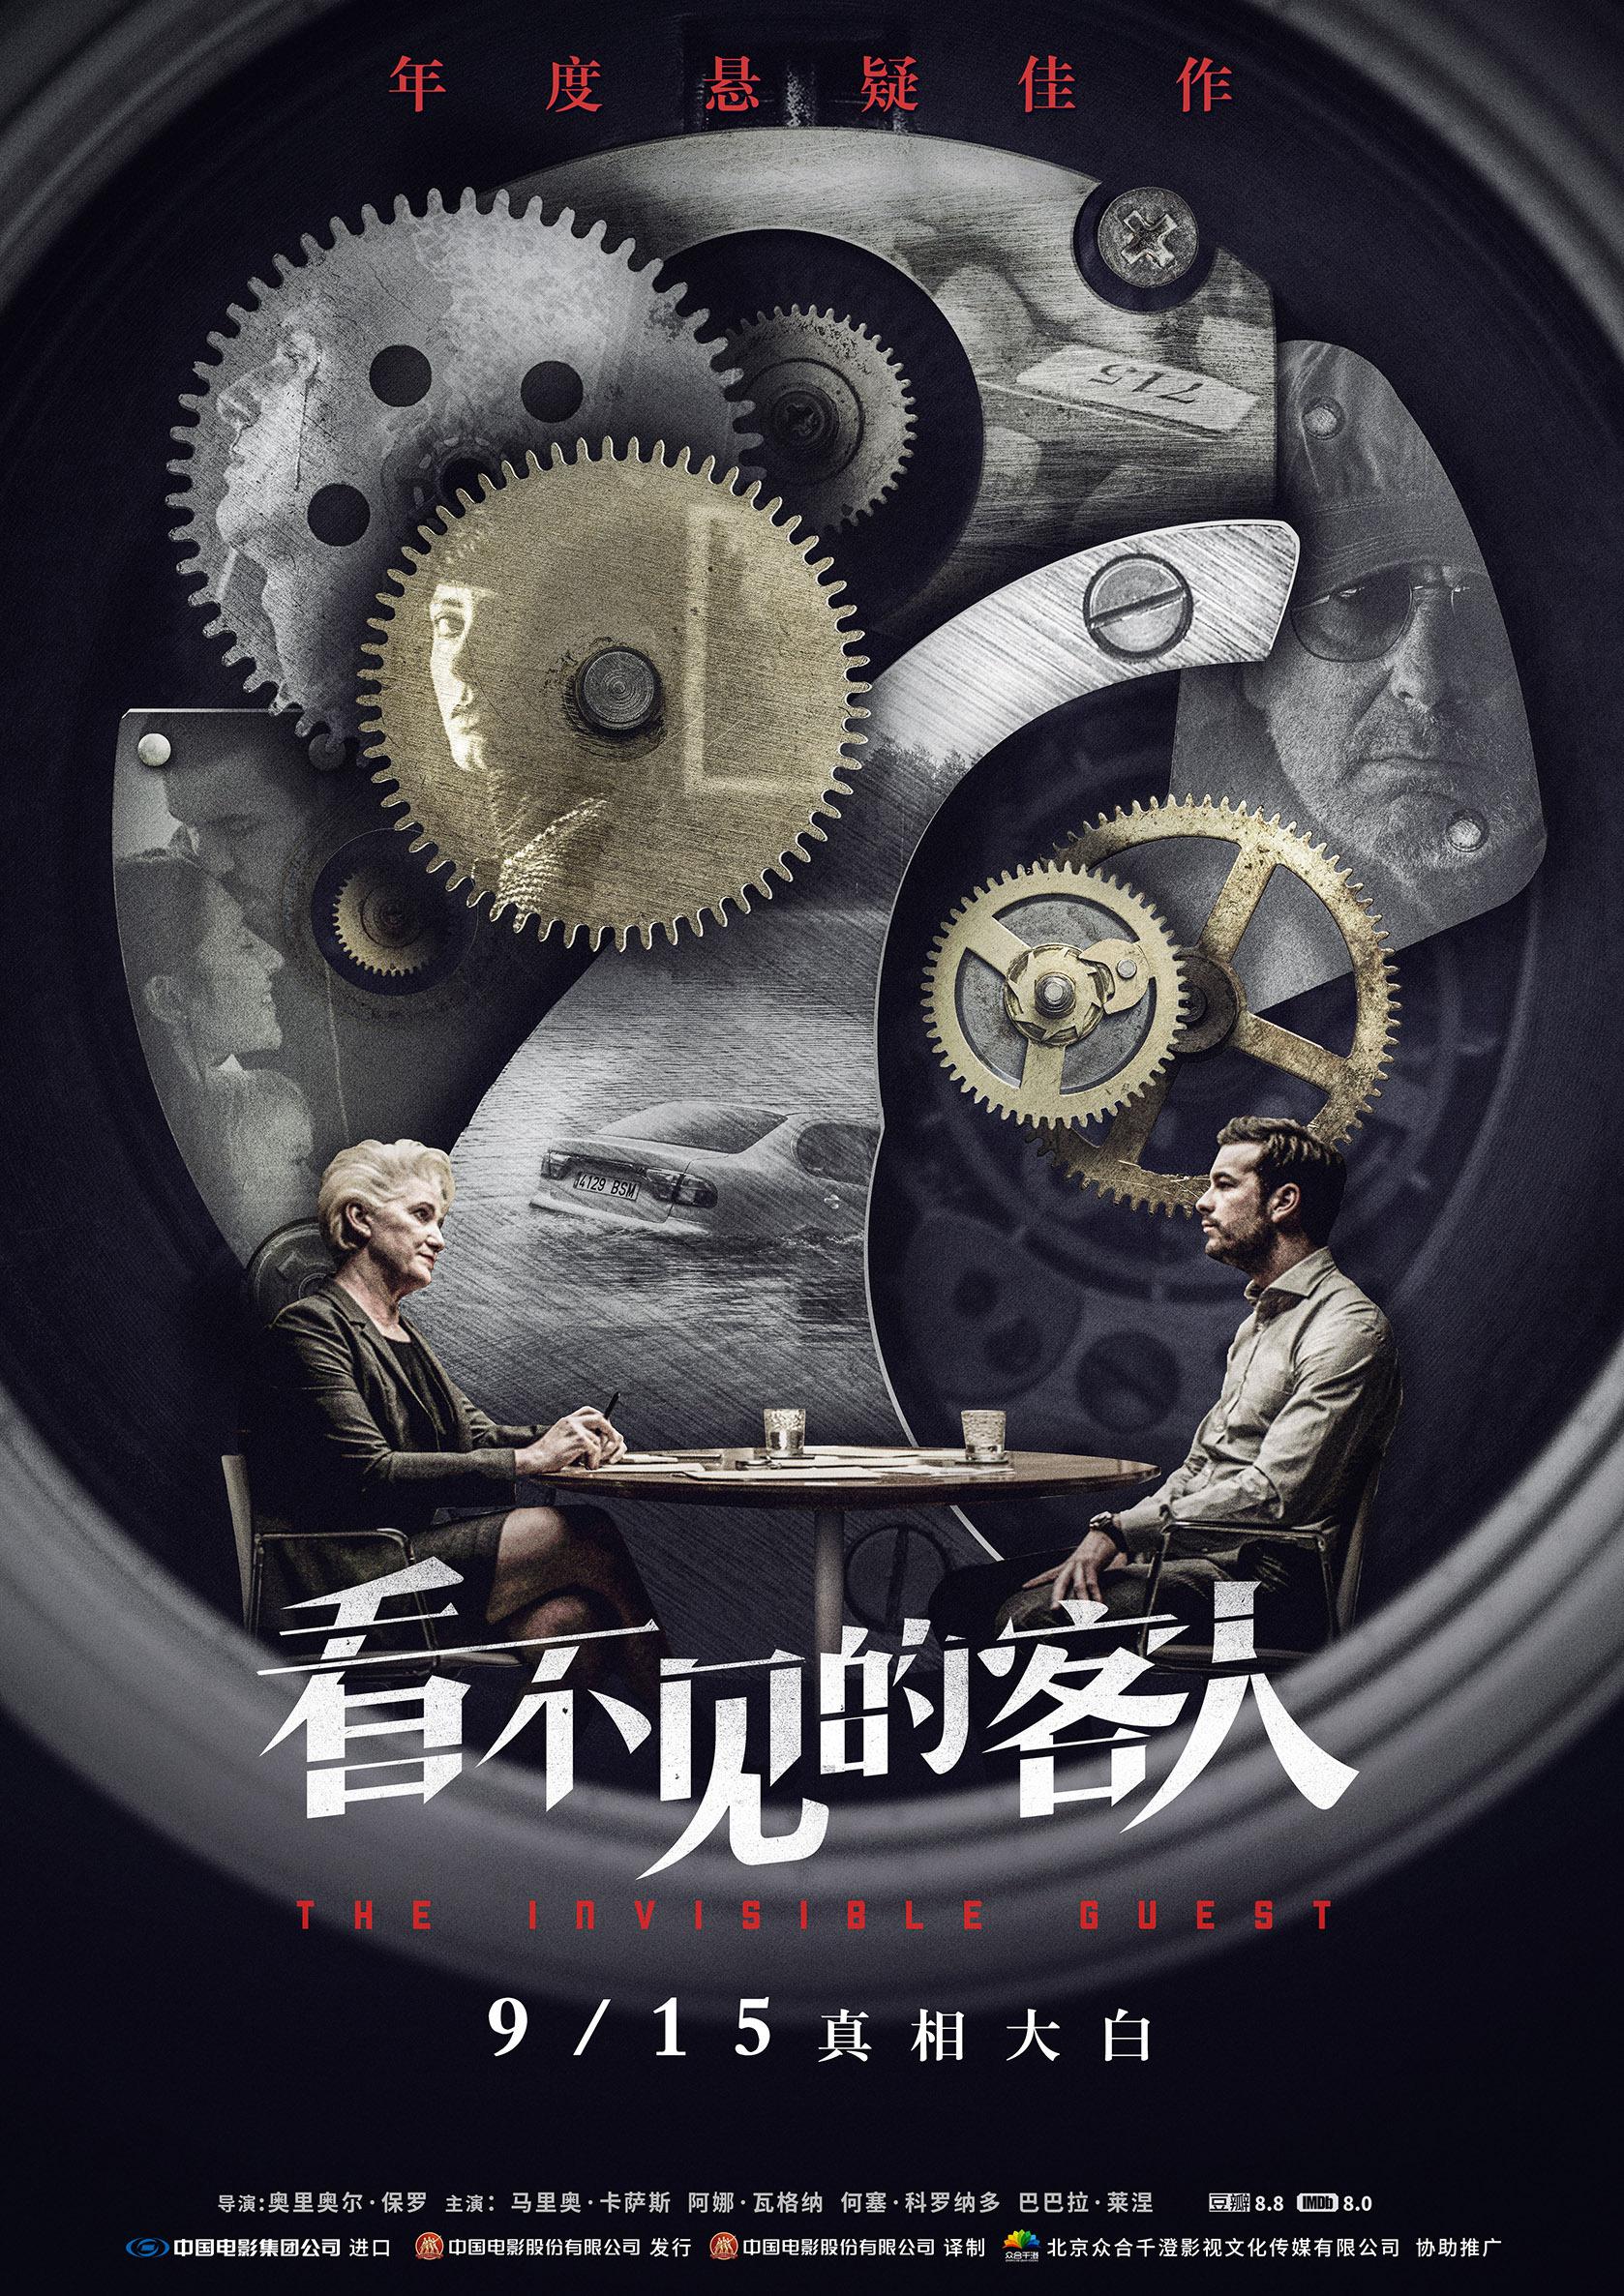 《看不见的客人》内地定档9.15 曝环环相扣海报